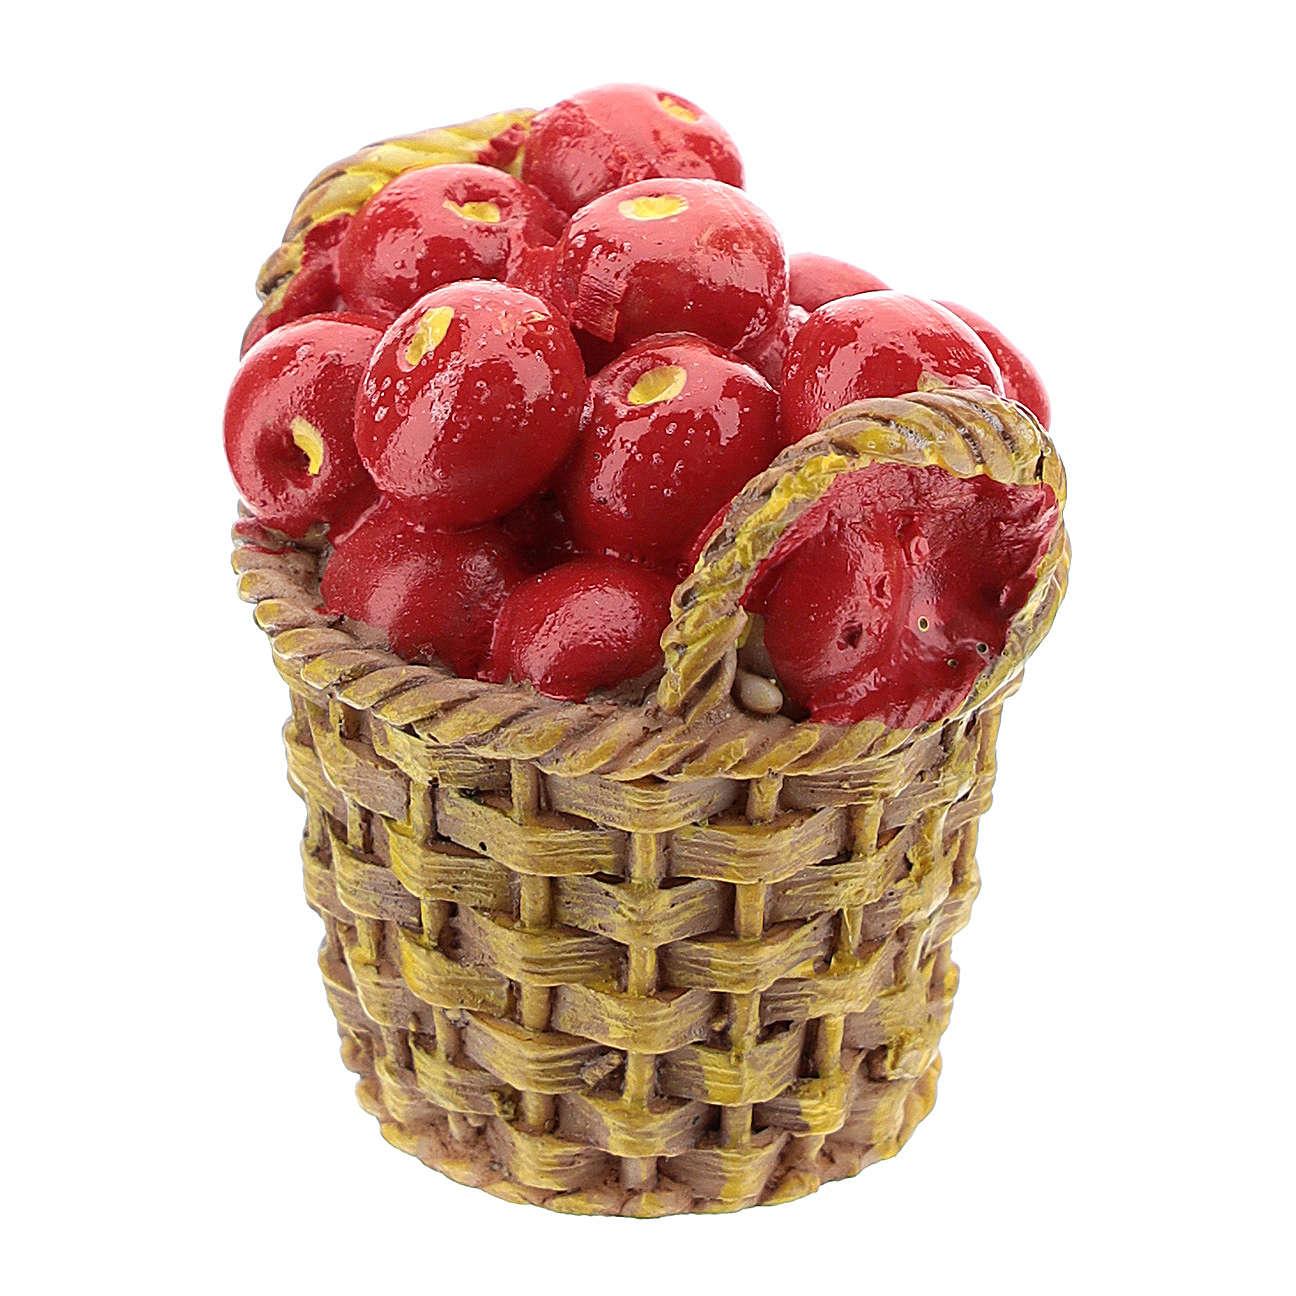 Cesta com fruta em resina 5x3x3 cm para presépio com peças de 14-16 cm de altura média 4